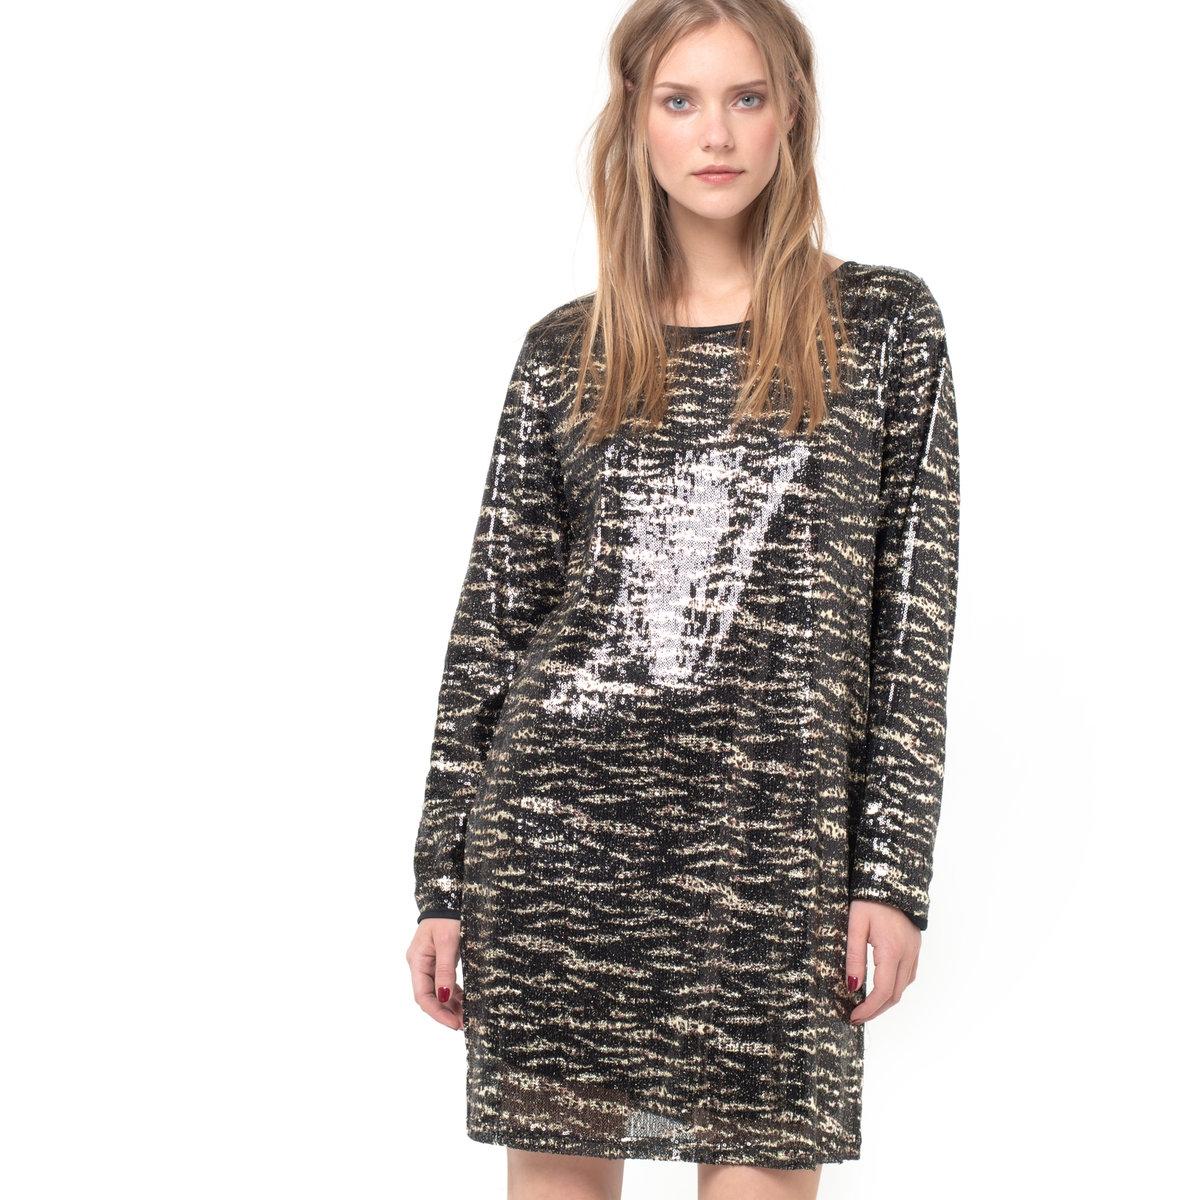 Платье с рисунком шкура животногоПлатье с рисунком шкура животного, расшитое блестками - VILA. Платье с рисунком тигриная шкура, расшитое блестками, отделка однотонным кантом черного цвета. Прямой покрой. Длинные рукава. Круглый вырез. Отрезная деталь в виде сердца на спинке, с застежкой на 2 кнопки. Платье из 100% полиэстера .<br><br>Цвет: черный/ золотистый